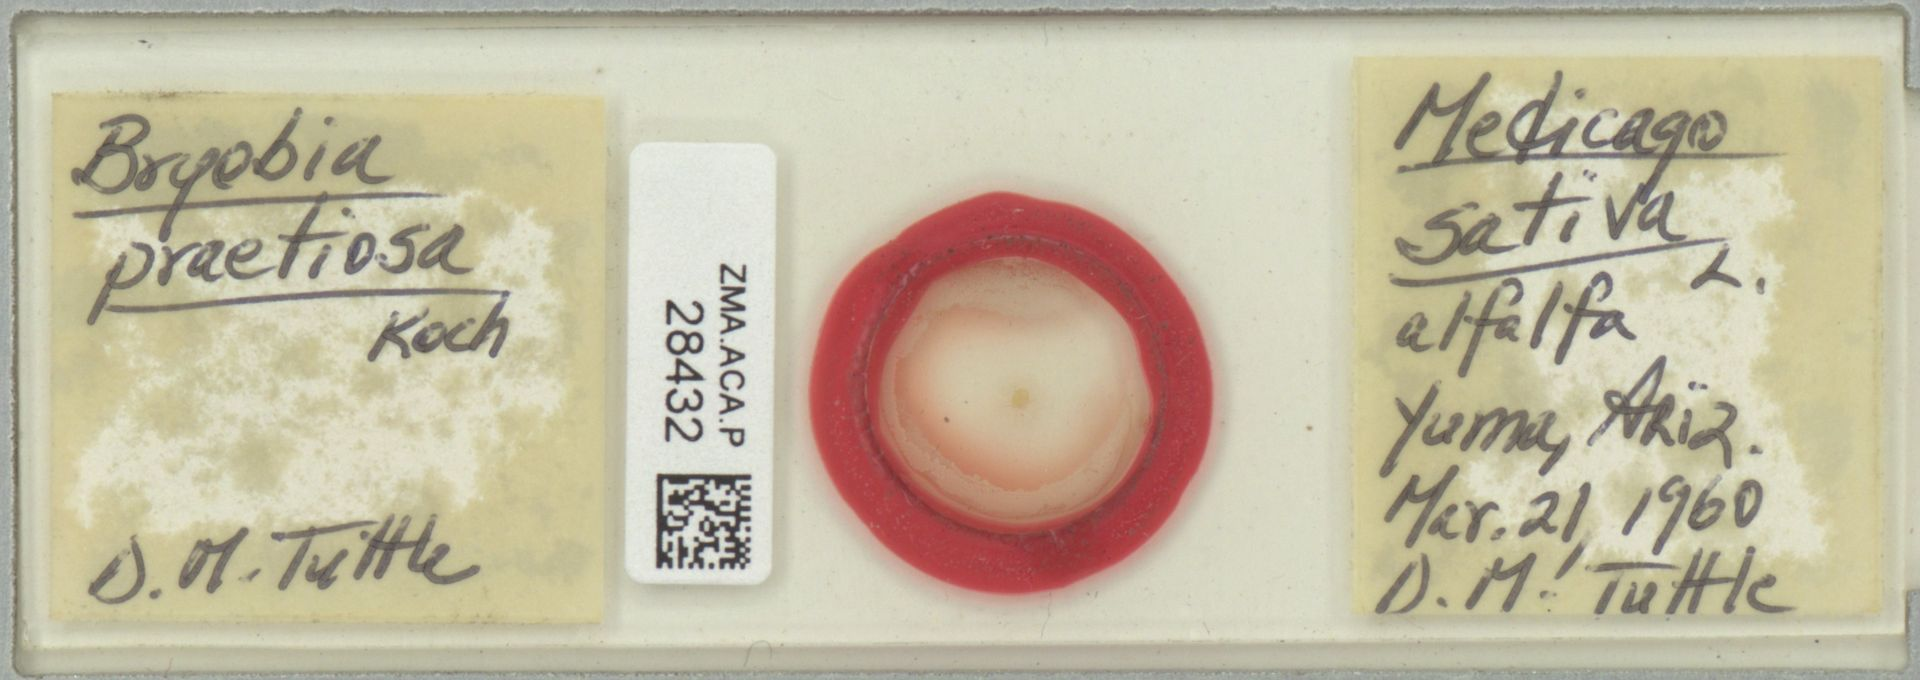 ZMA.ACA.P.28432   Bryobia praetiosa